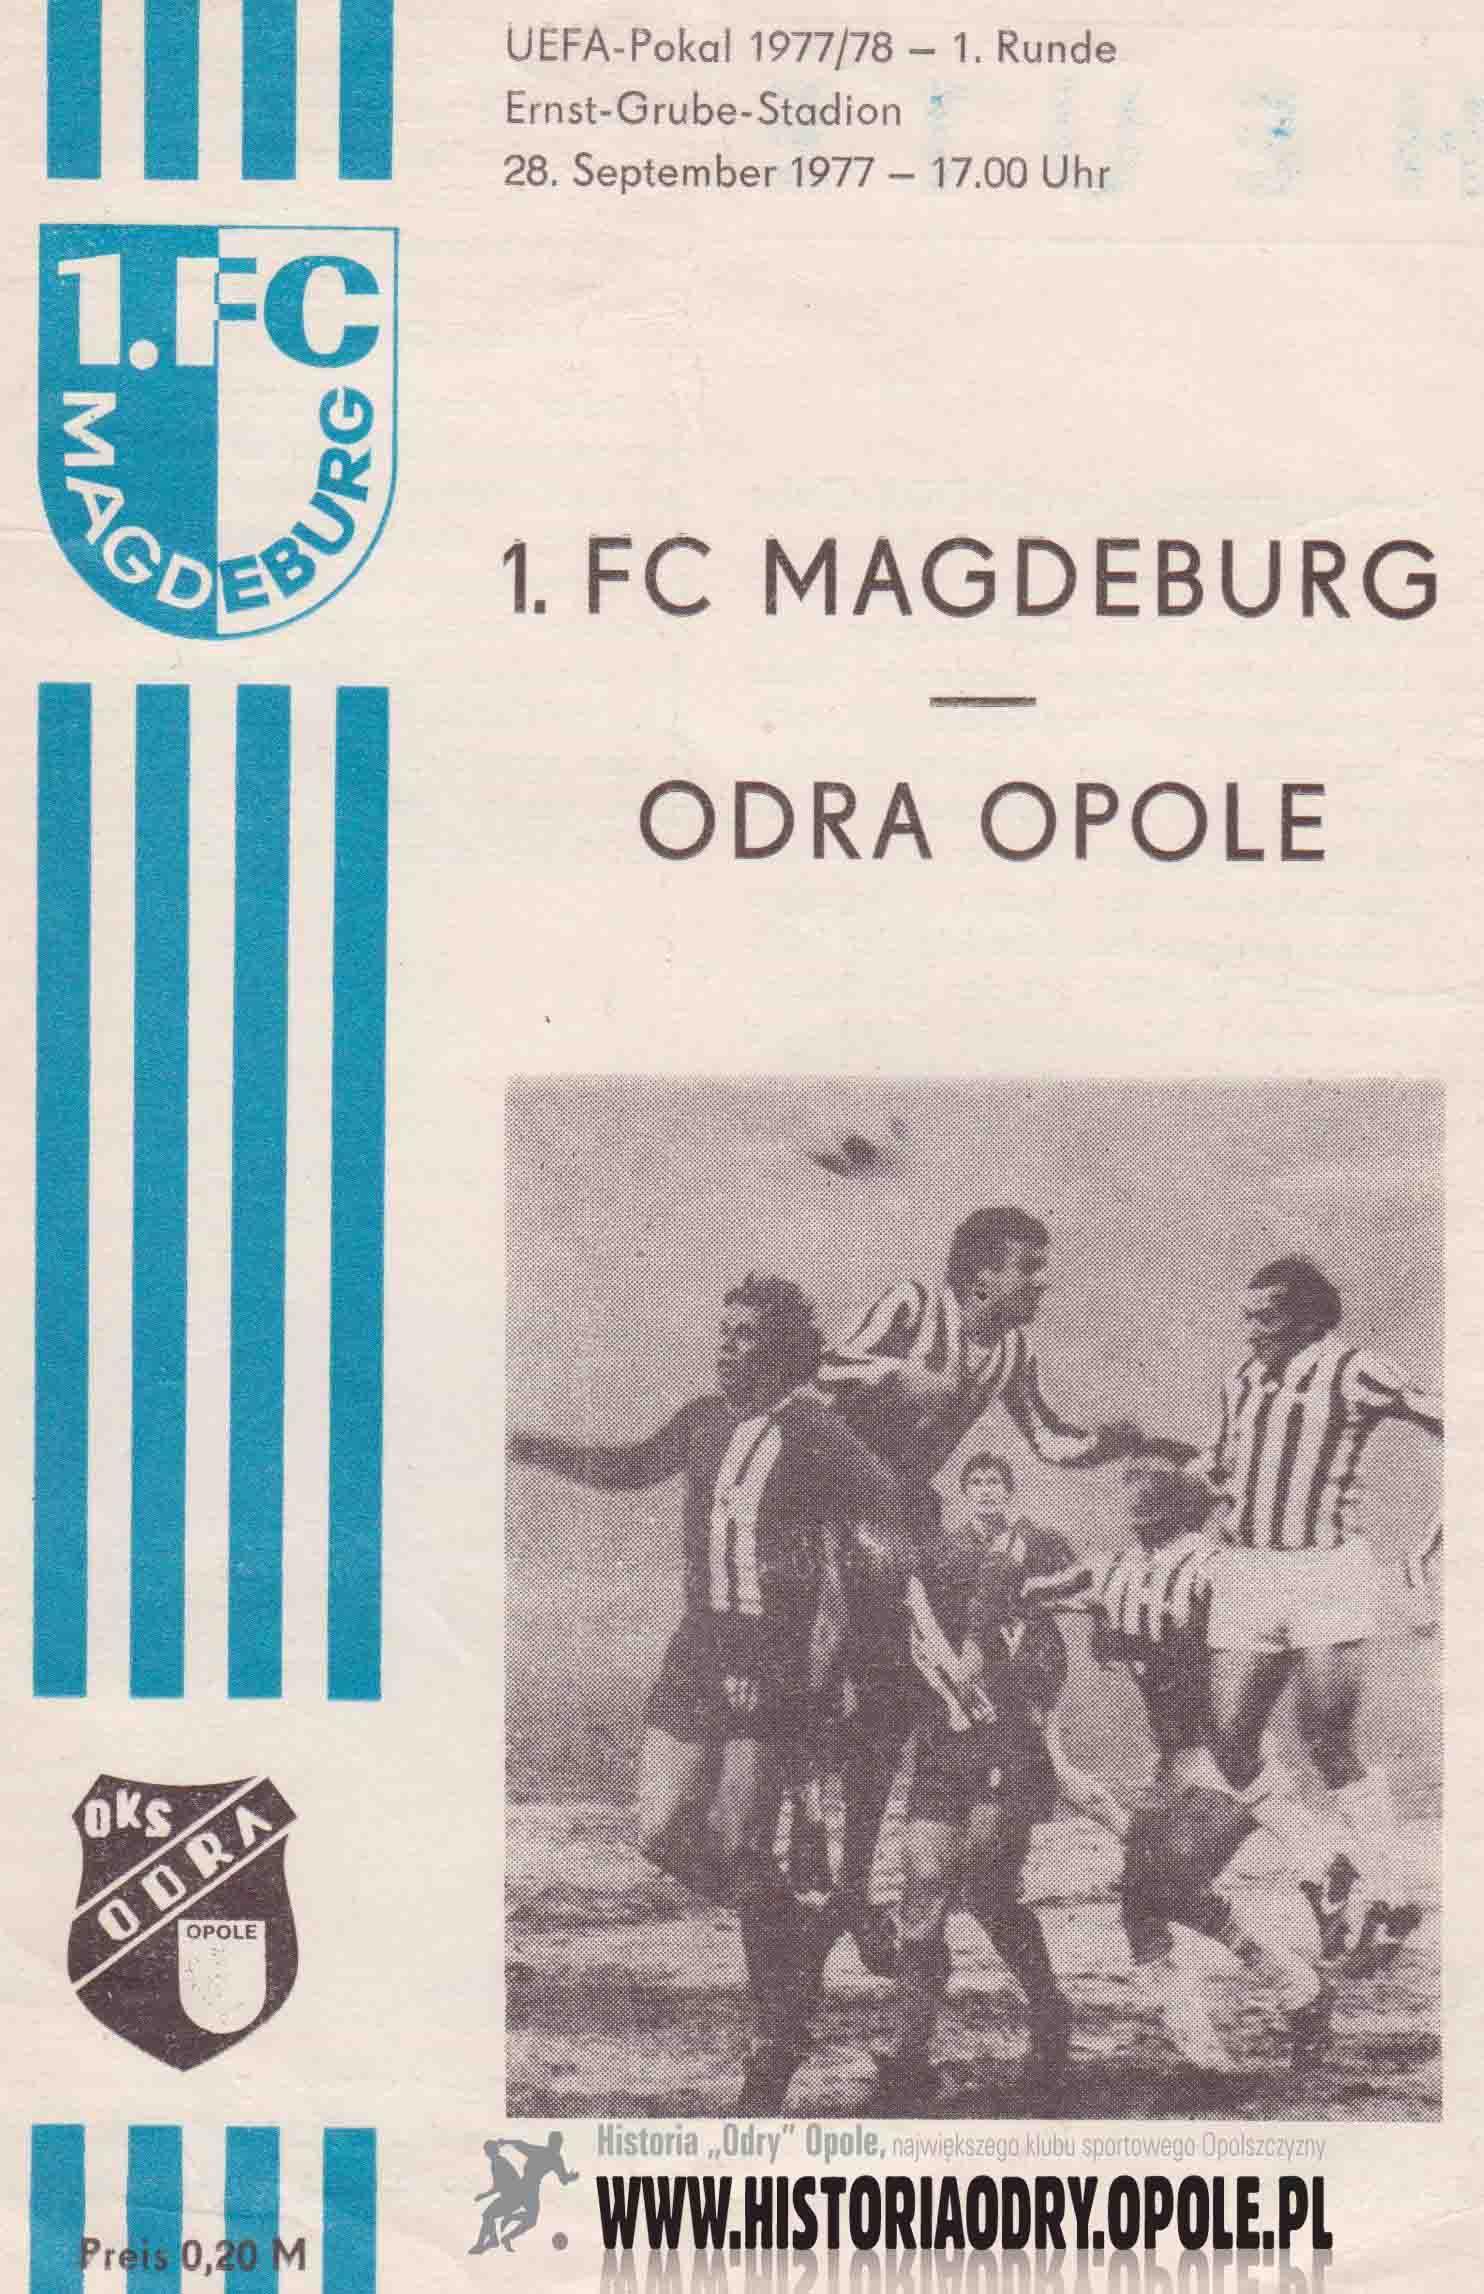 Niezbędnik kibica ze spotkania pucharowego 1. FC Magdeburg - Odra Opole (okładka).